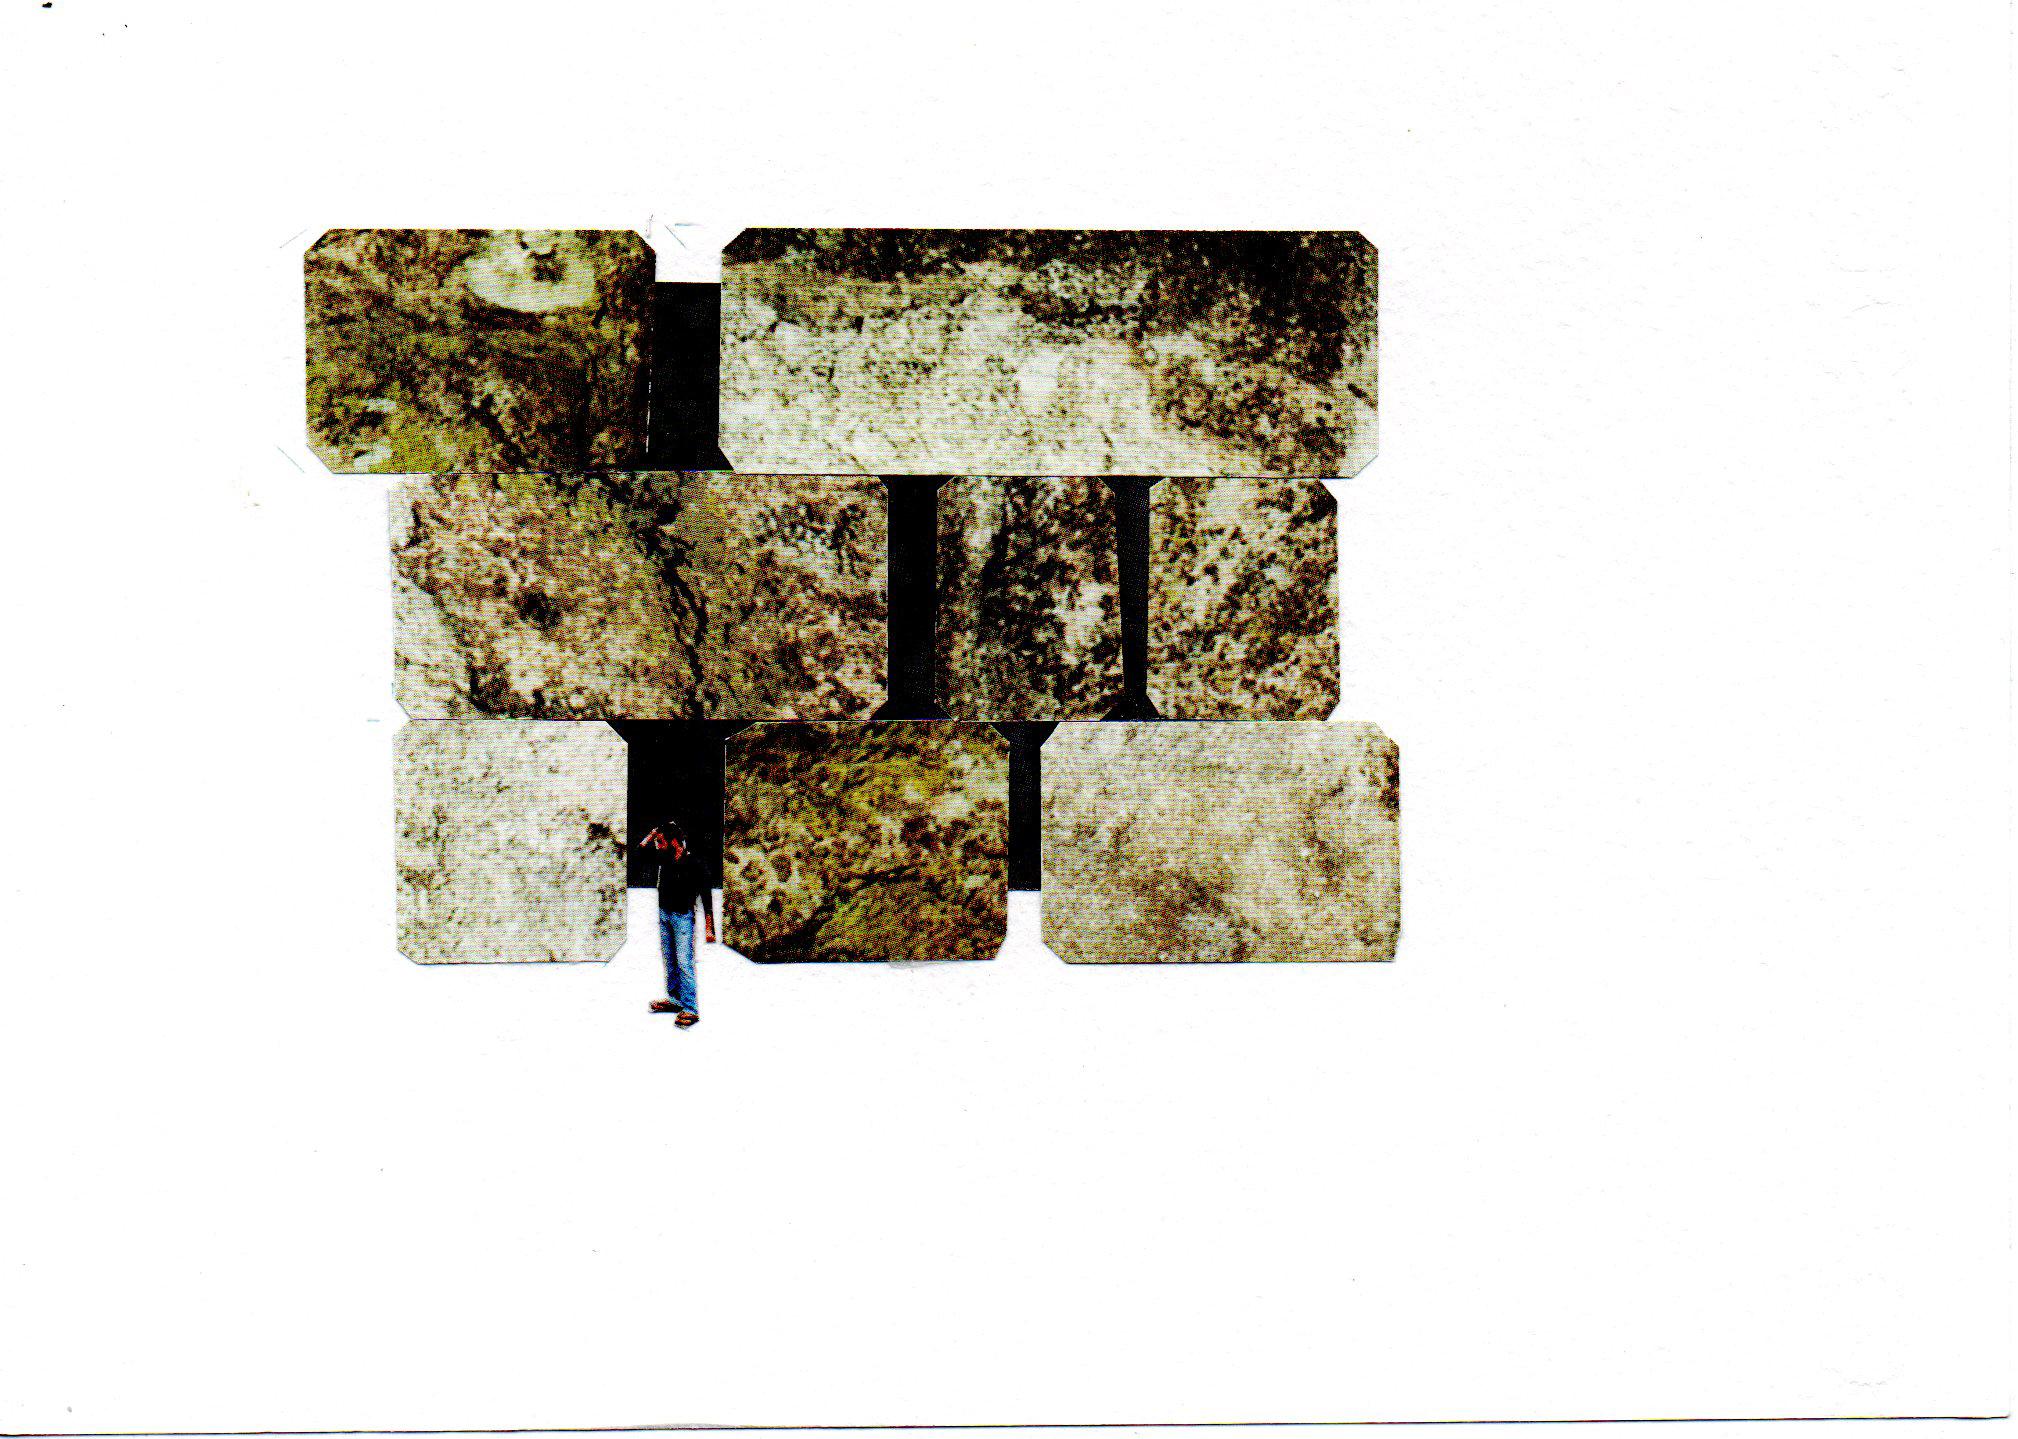 gestos-conceptuales-masa02.jpg